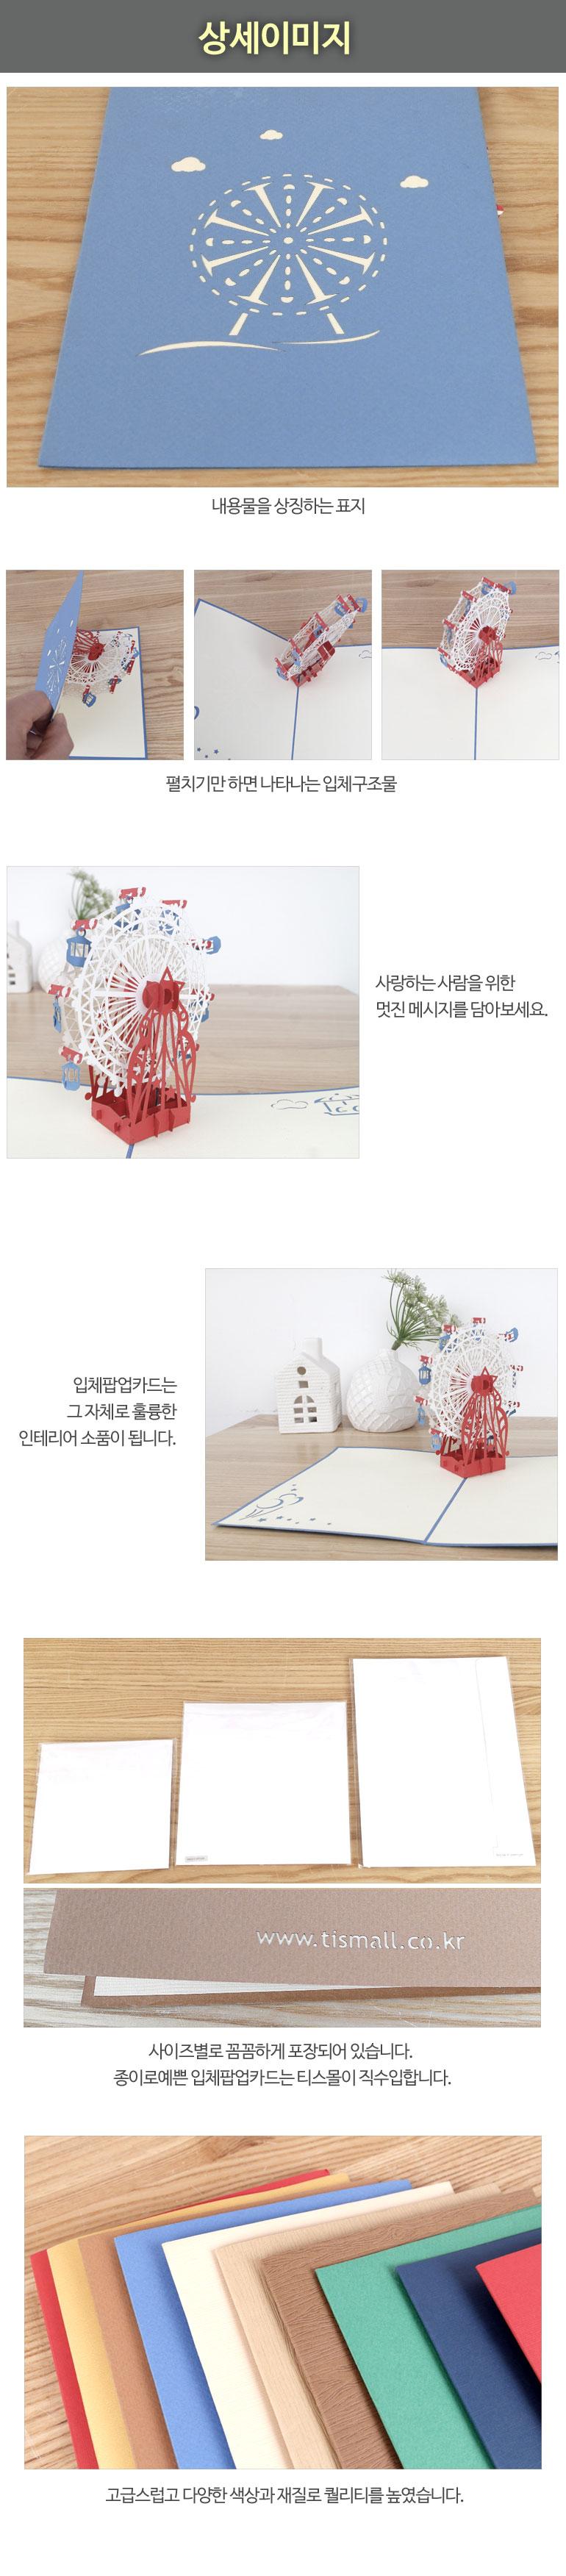 입체팝업카드 대관람차 - 종이로예쁜, 8,000원, 카드, 입체 팝업 카드